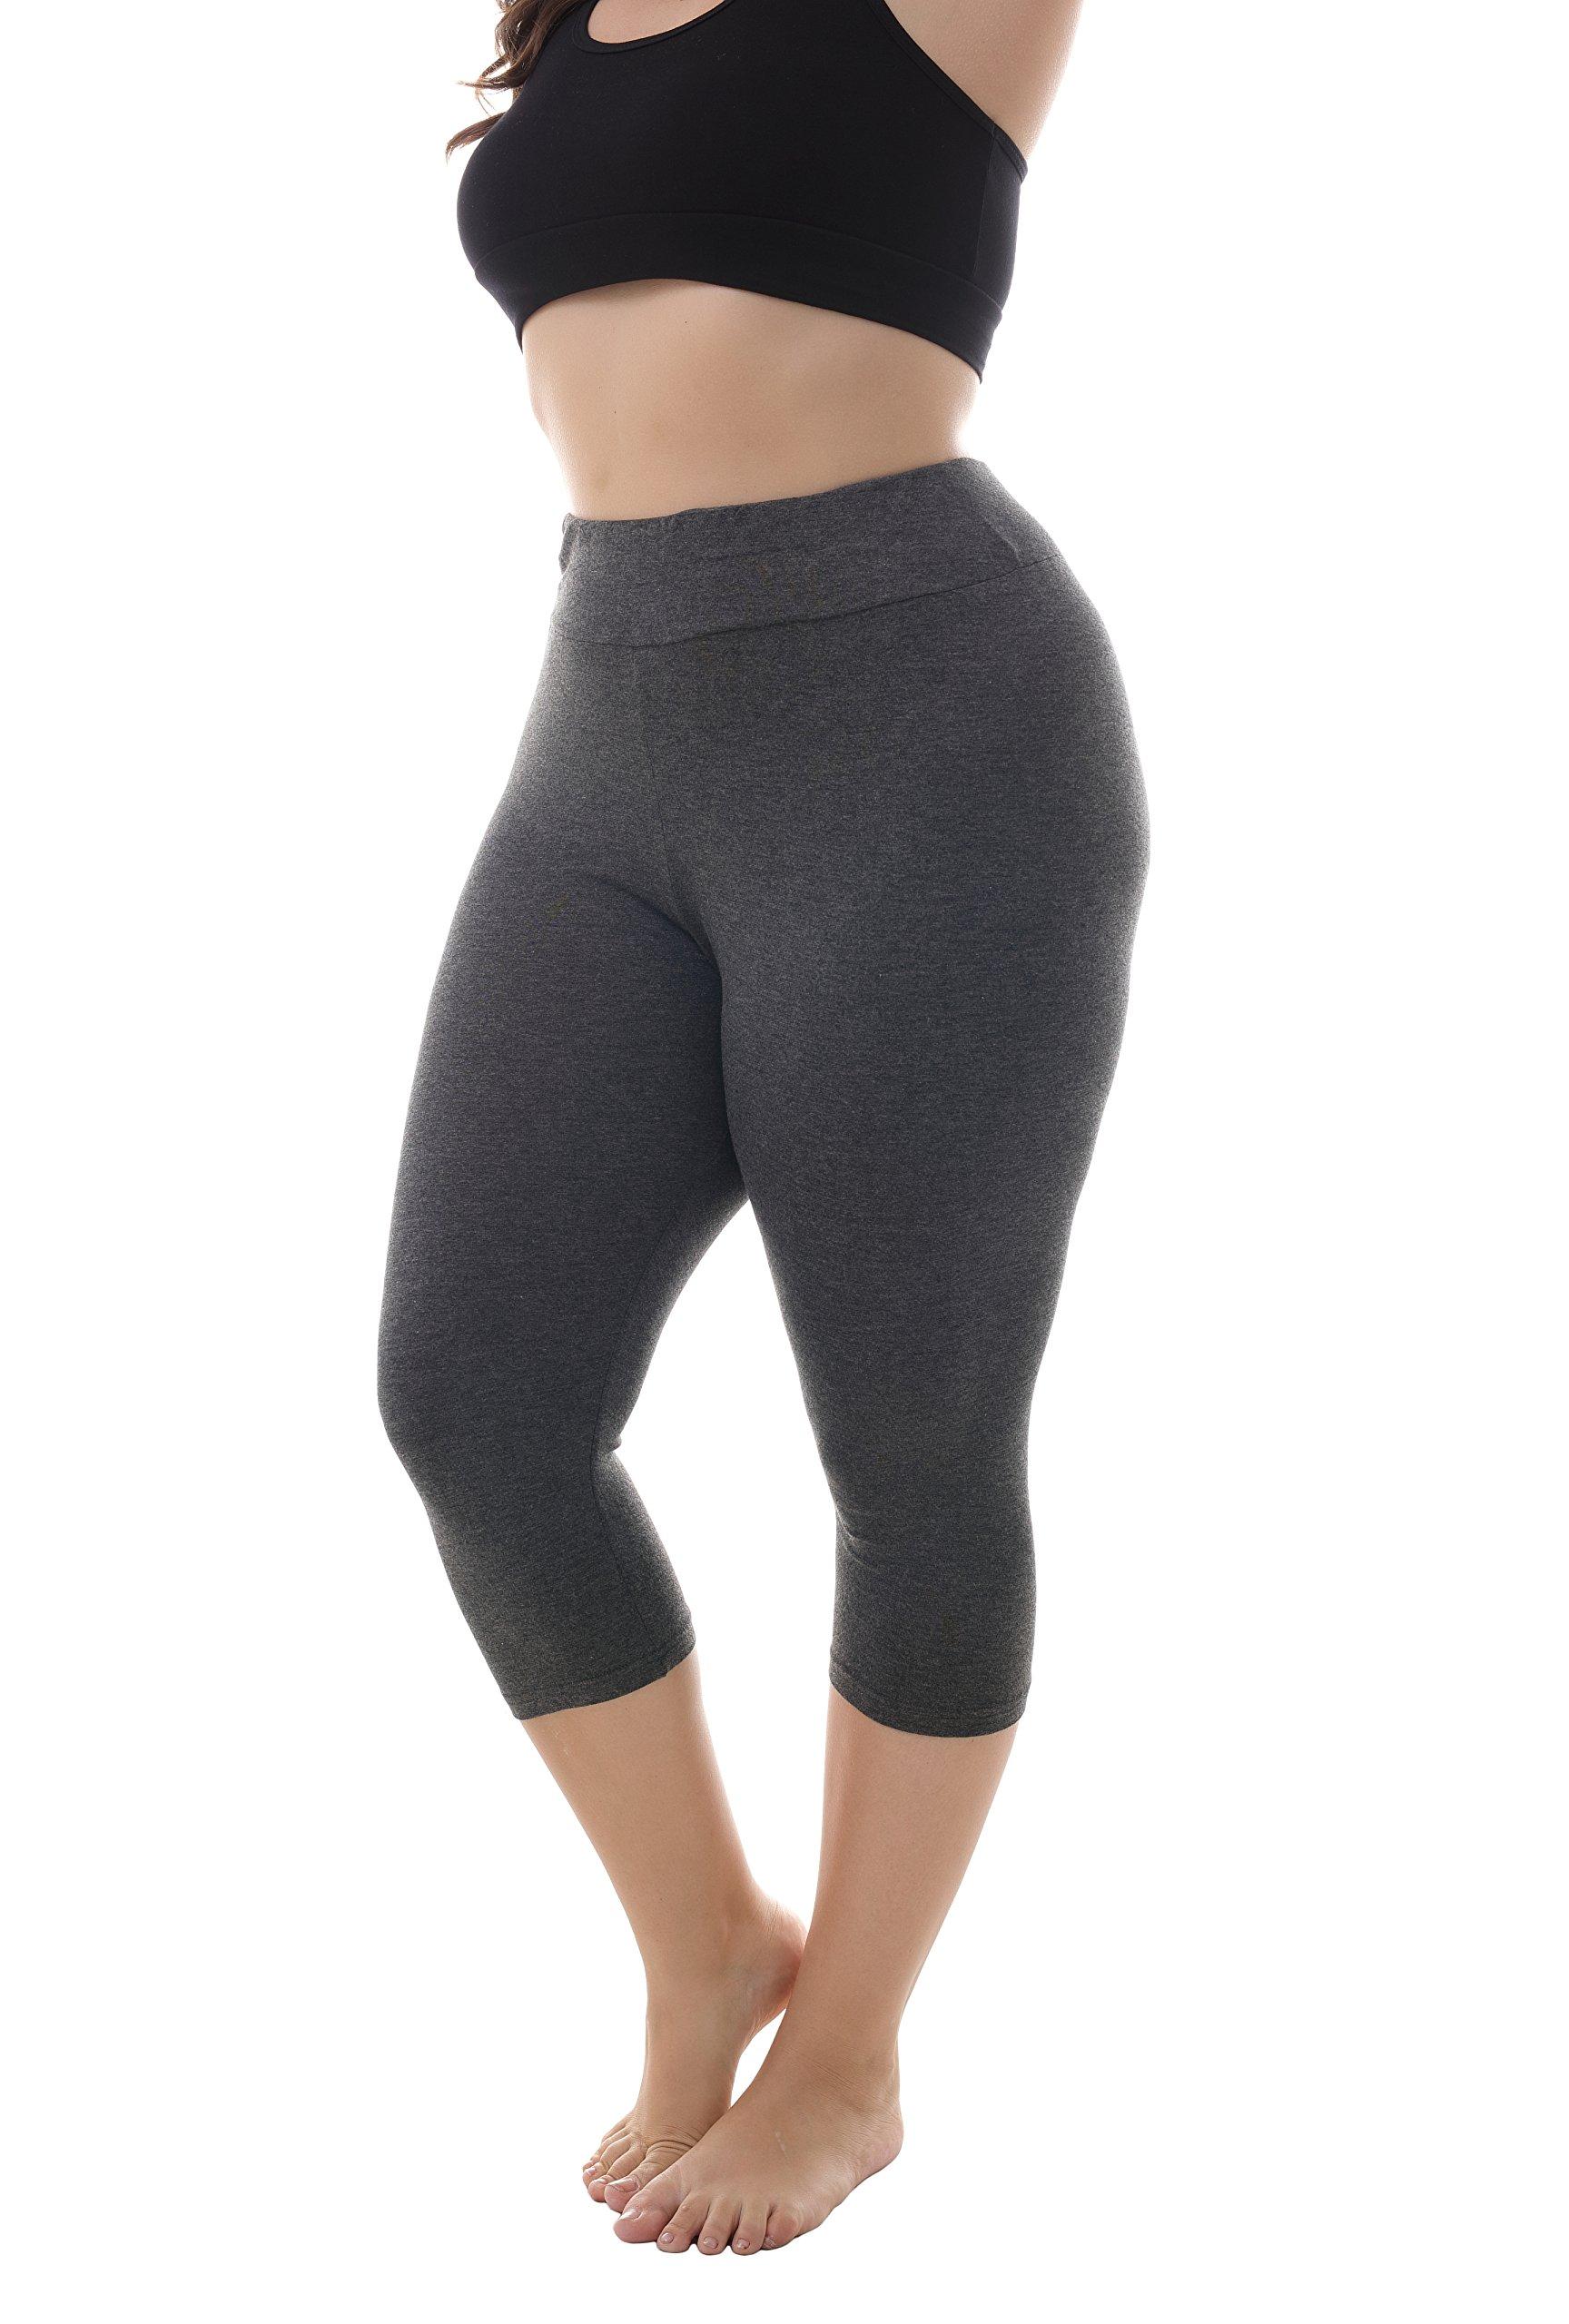 ZERDOCEAN Women's Plus Size Modal High Waist Capri Leggings for Summer Dark Gray 2X